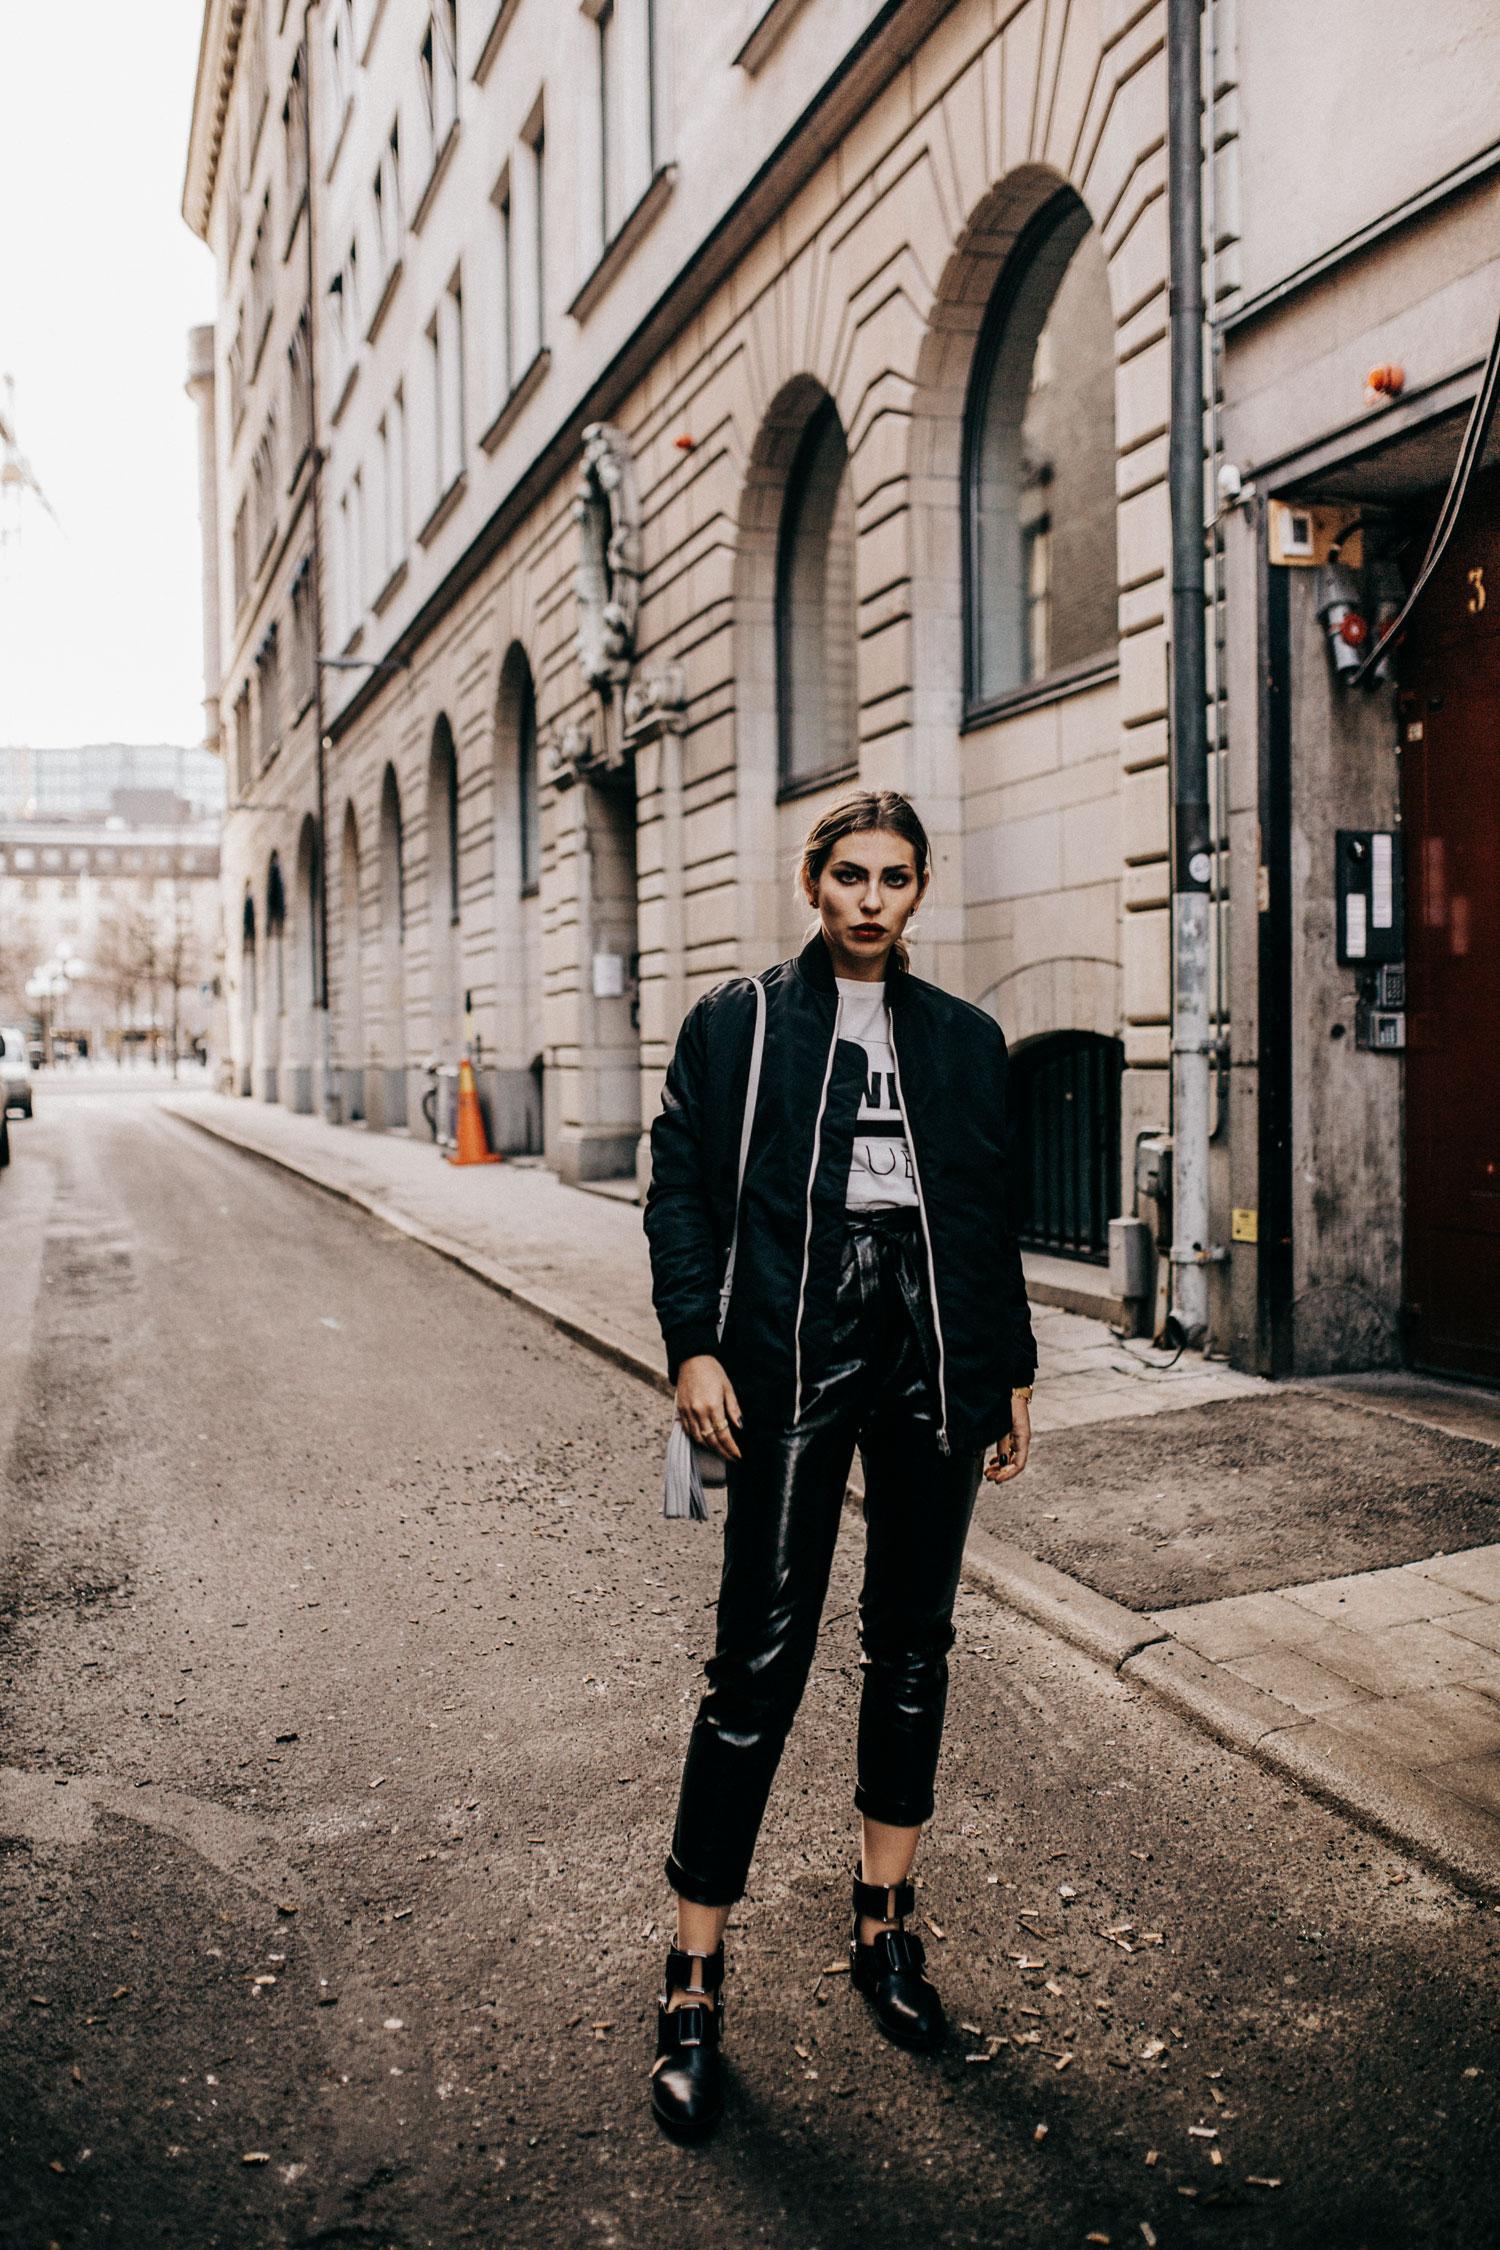 Стокгольм, уличный стиль, Street Style, виниловые штаны от Topshop, черный бомпер Hope and boots от 3.1 Phillip Lim, стиль: острый, черный, спортивный, Берлин